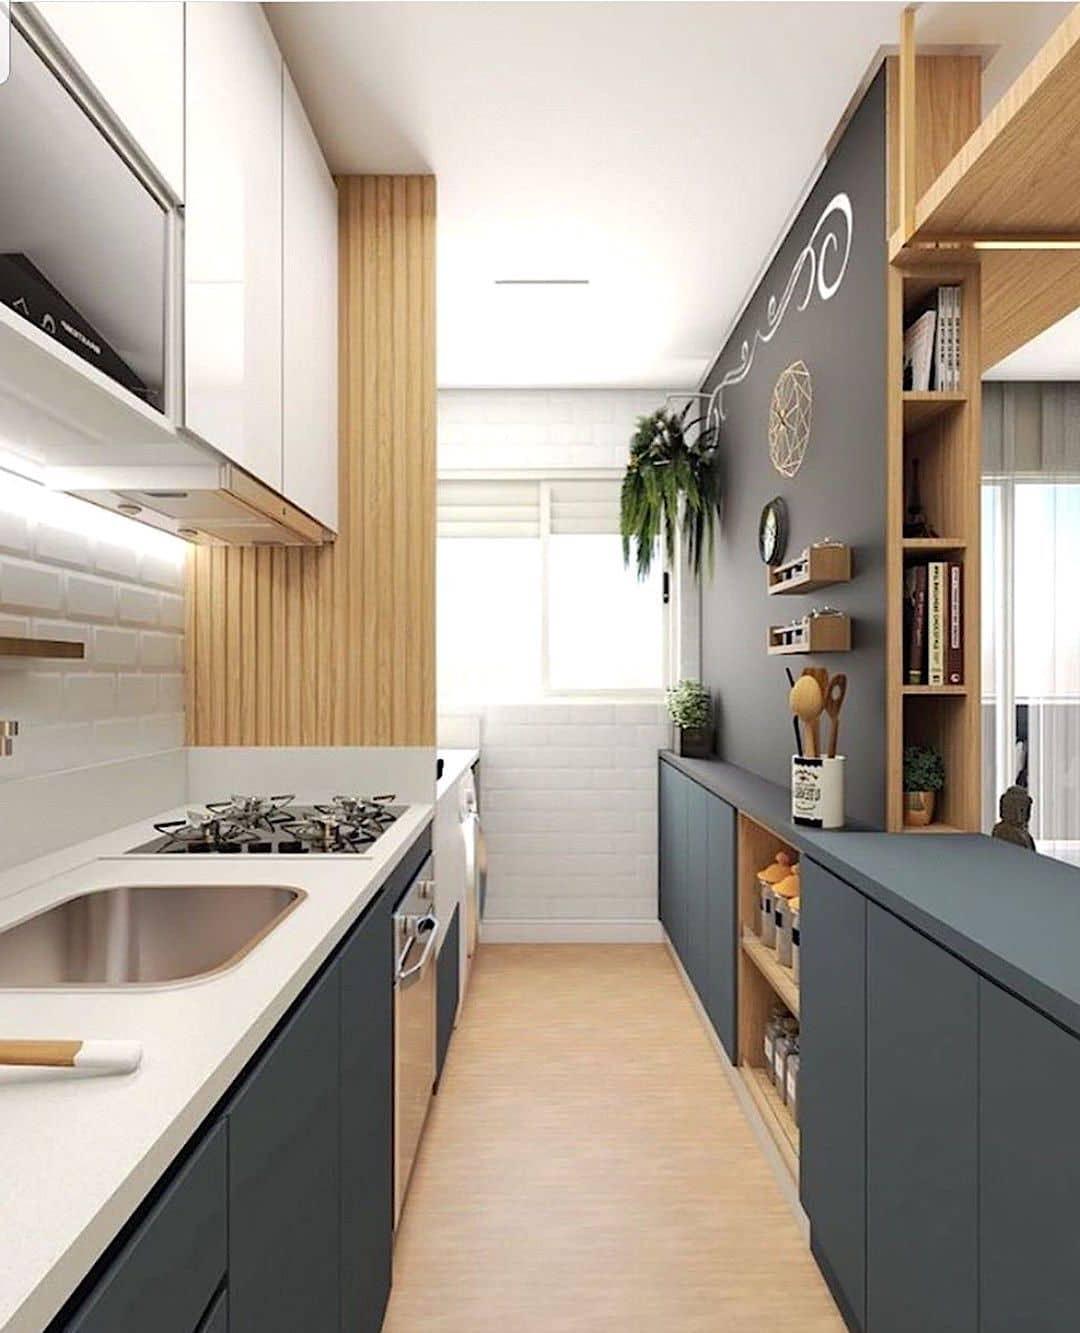 Une solution de couleur réussie pour une cuisine étroite au design concis et noble